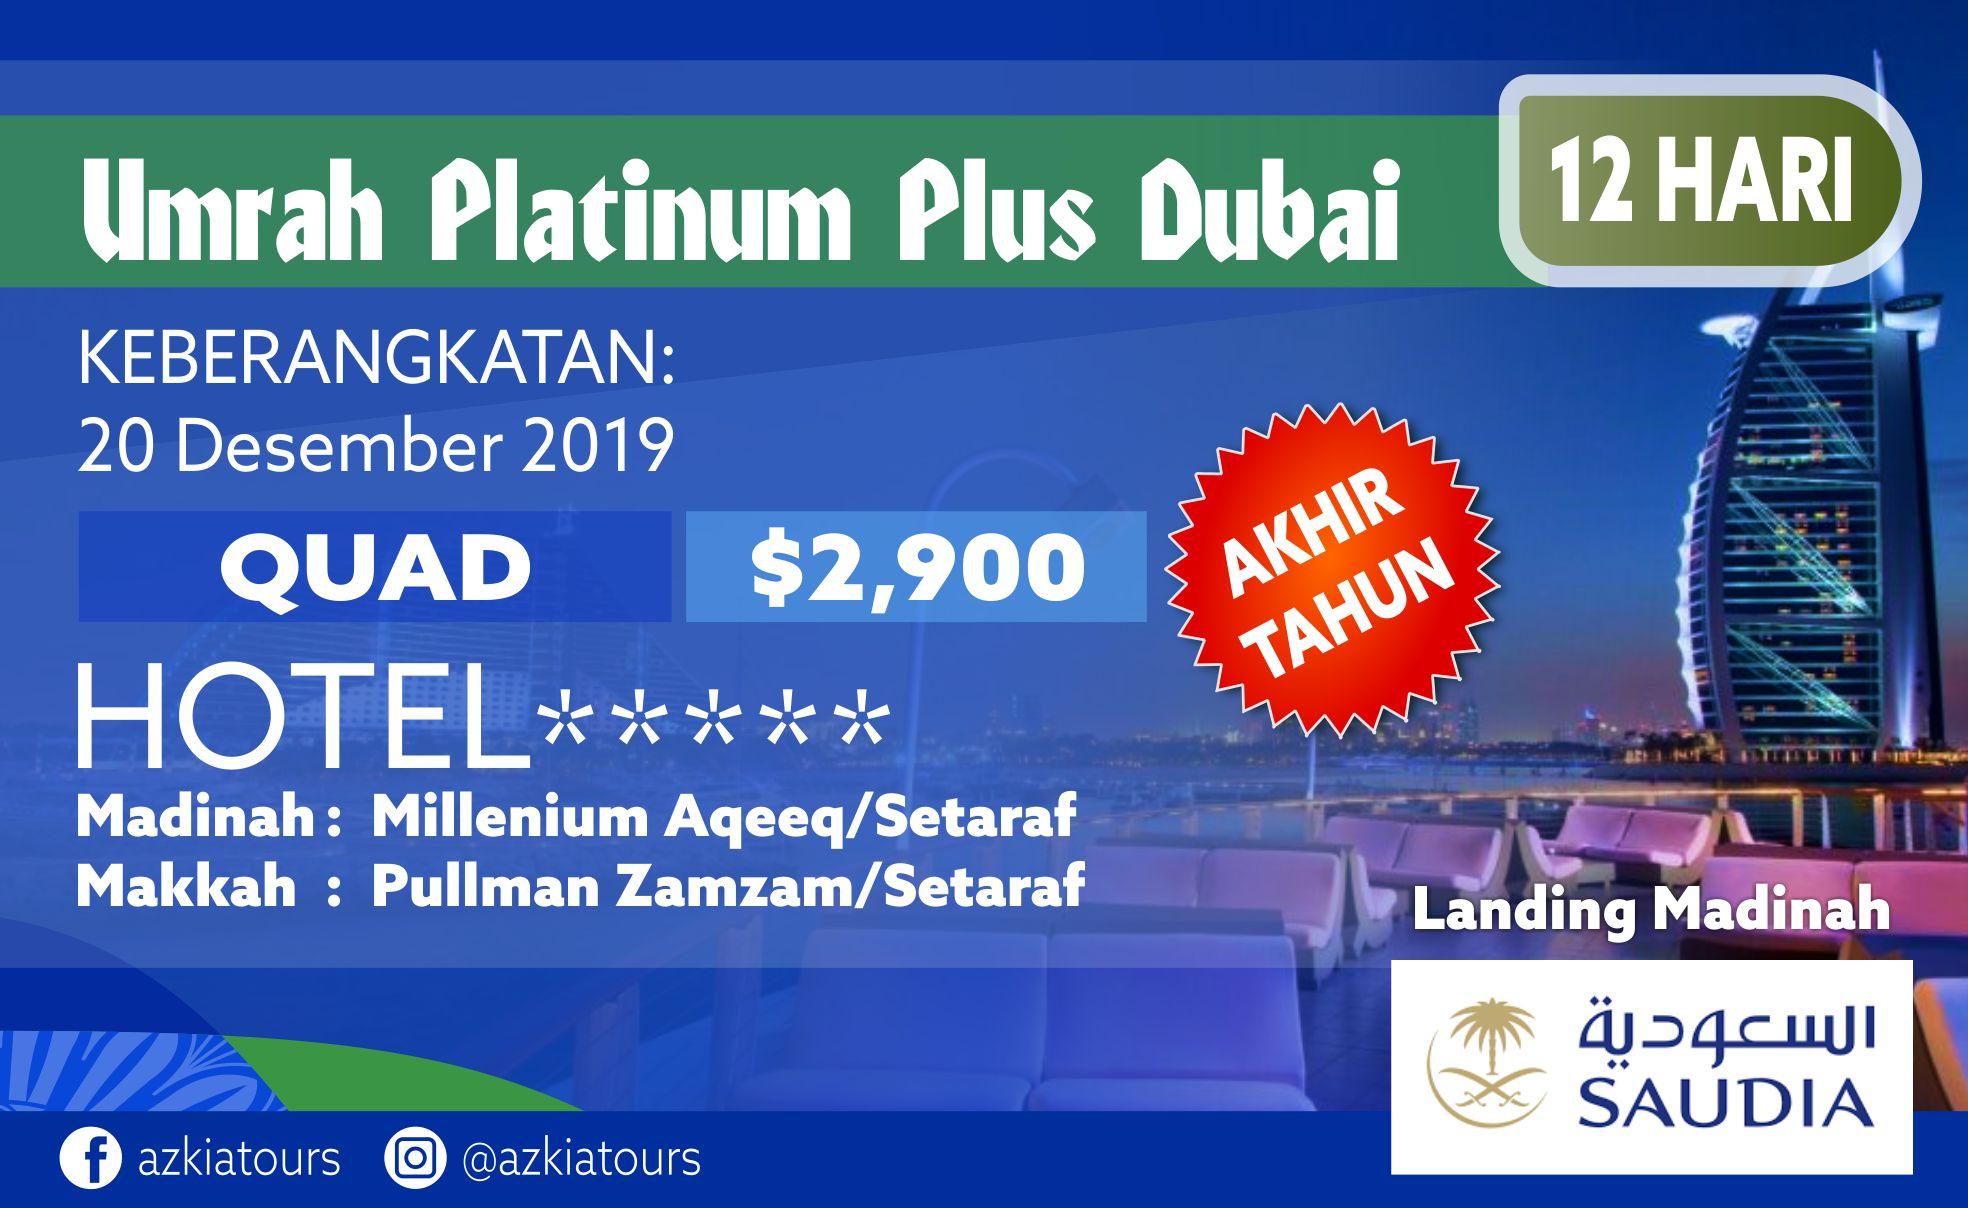 Umrah Platinum Plus Dubai